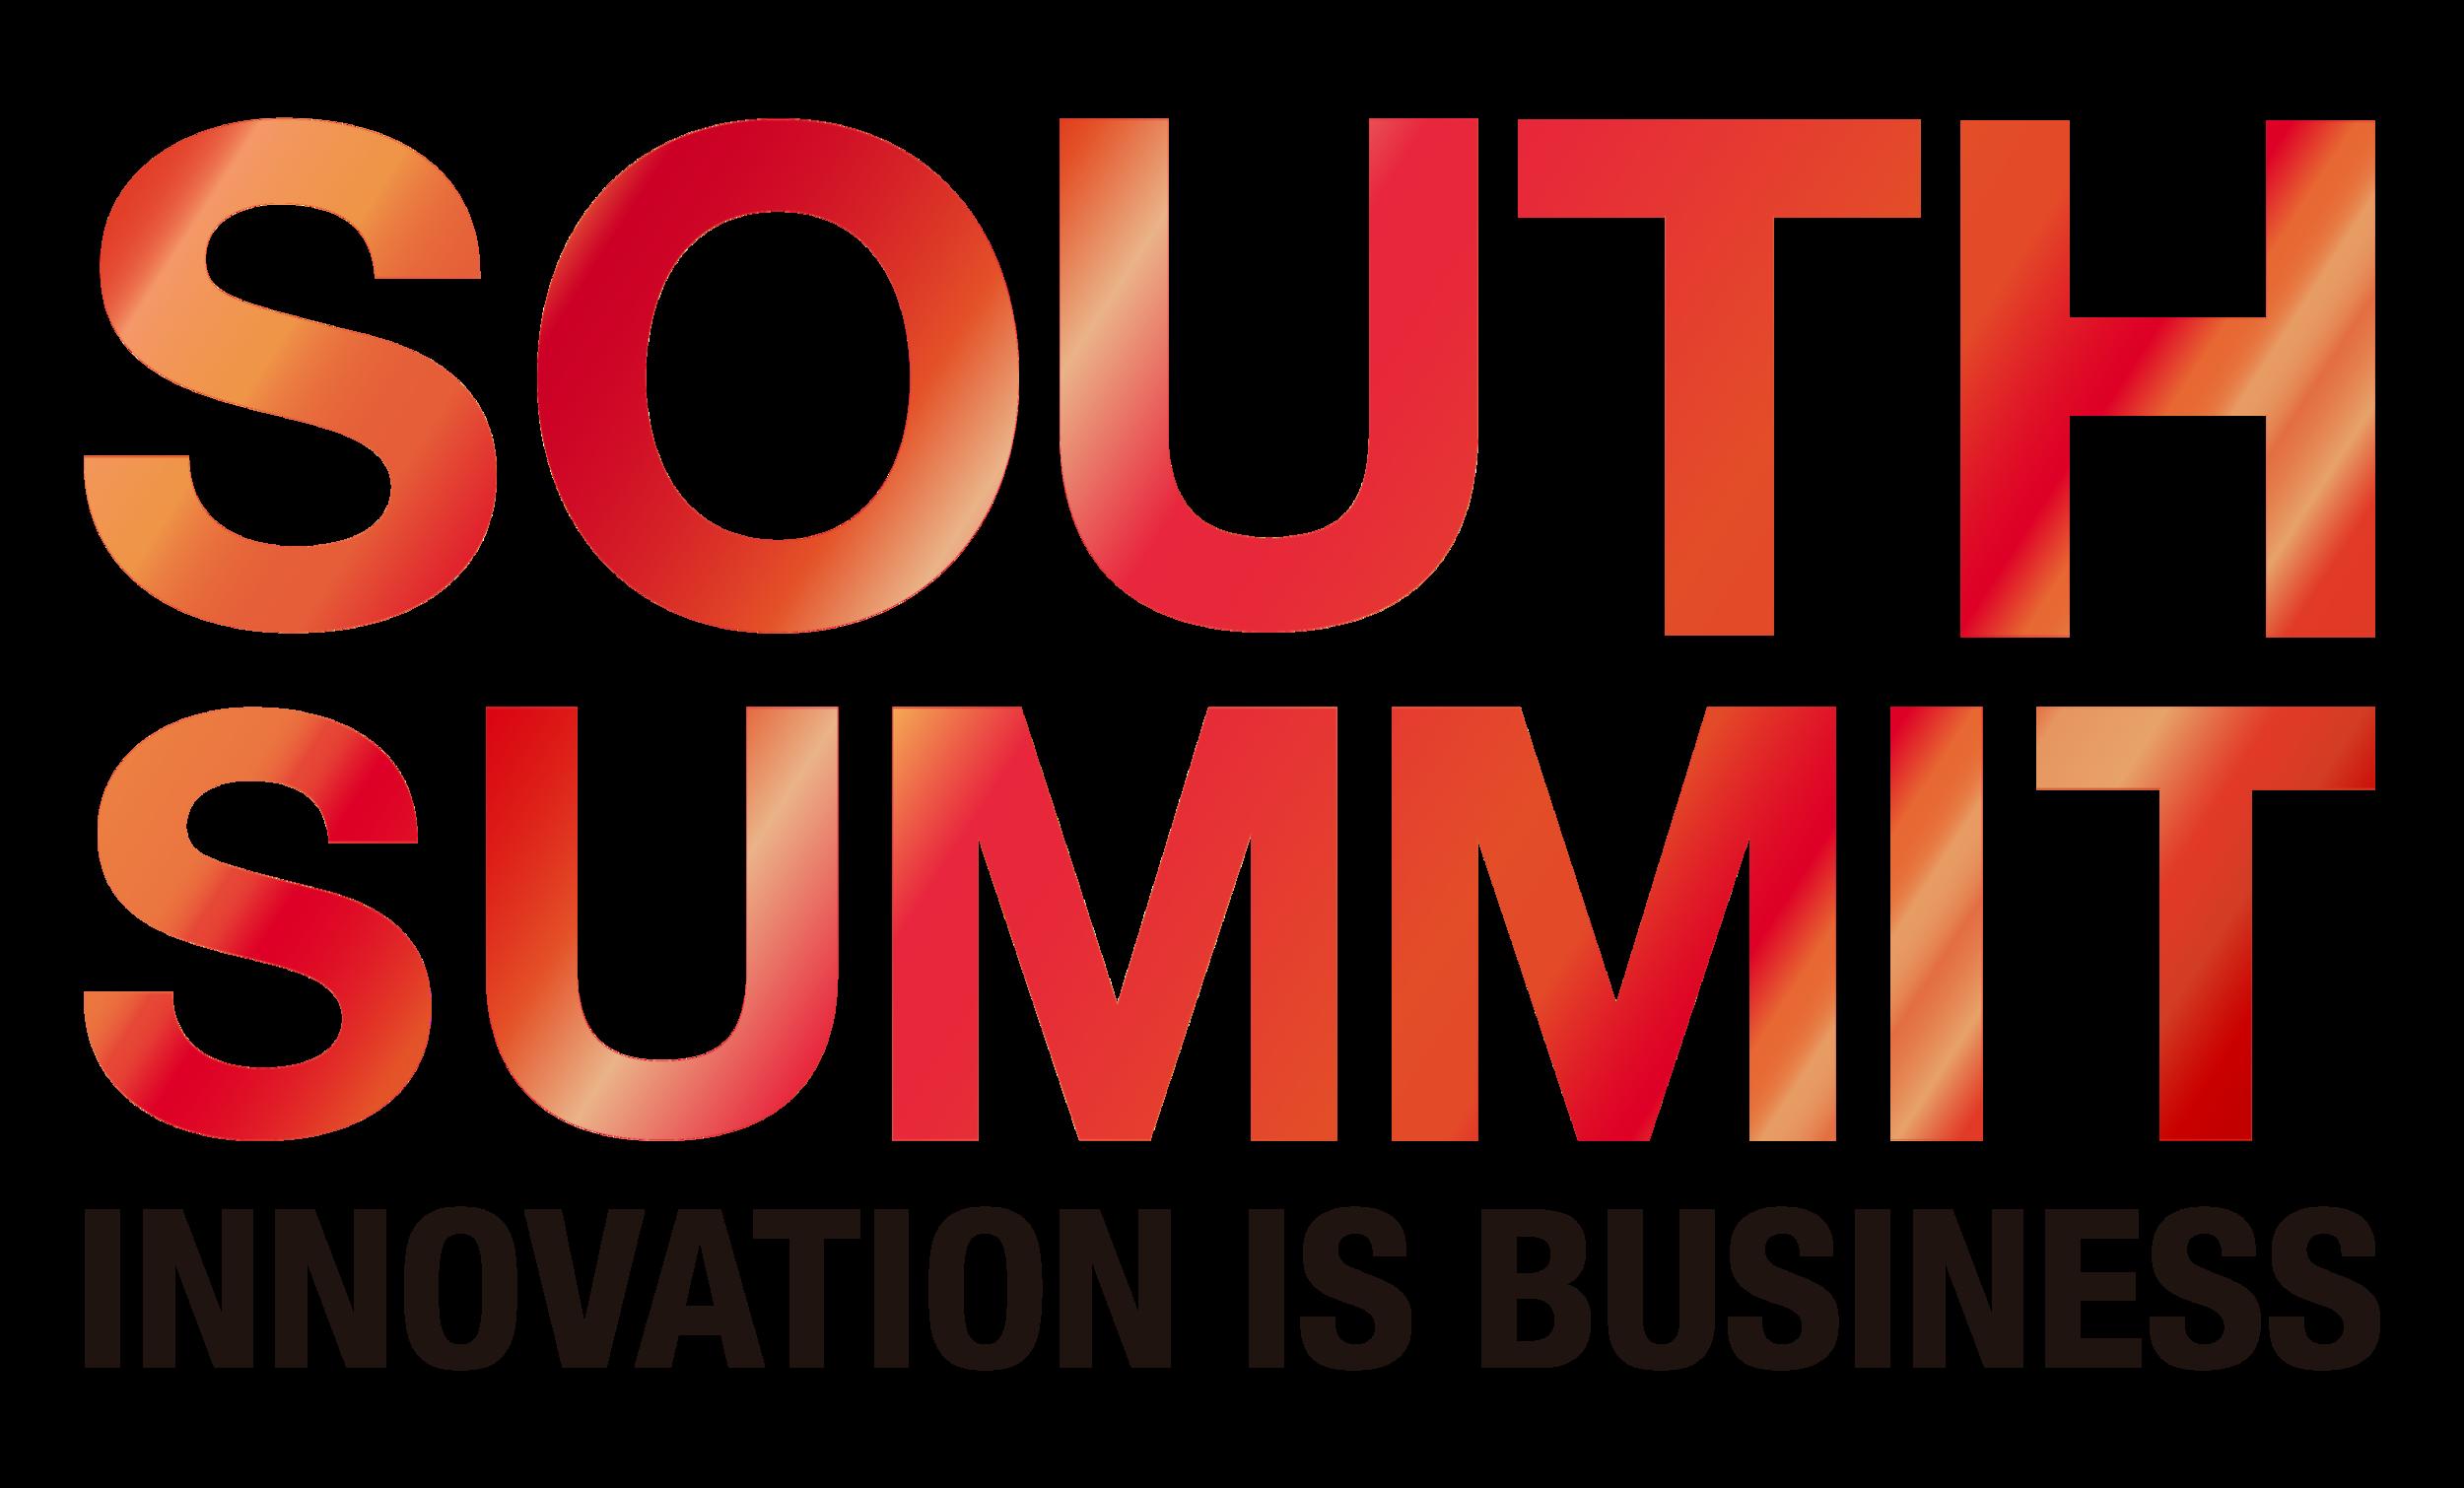 Alianza con South Summit - Grupo Amperio se ha aliado con South Summit, para ofrecer a los emprendedores que participen del M2M acceso al prestigioso evento a realizarse del 2 al 4 de octubre.